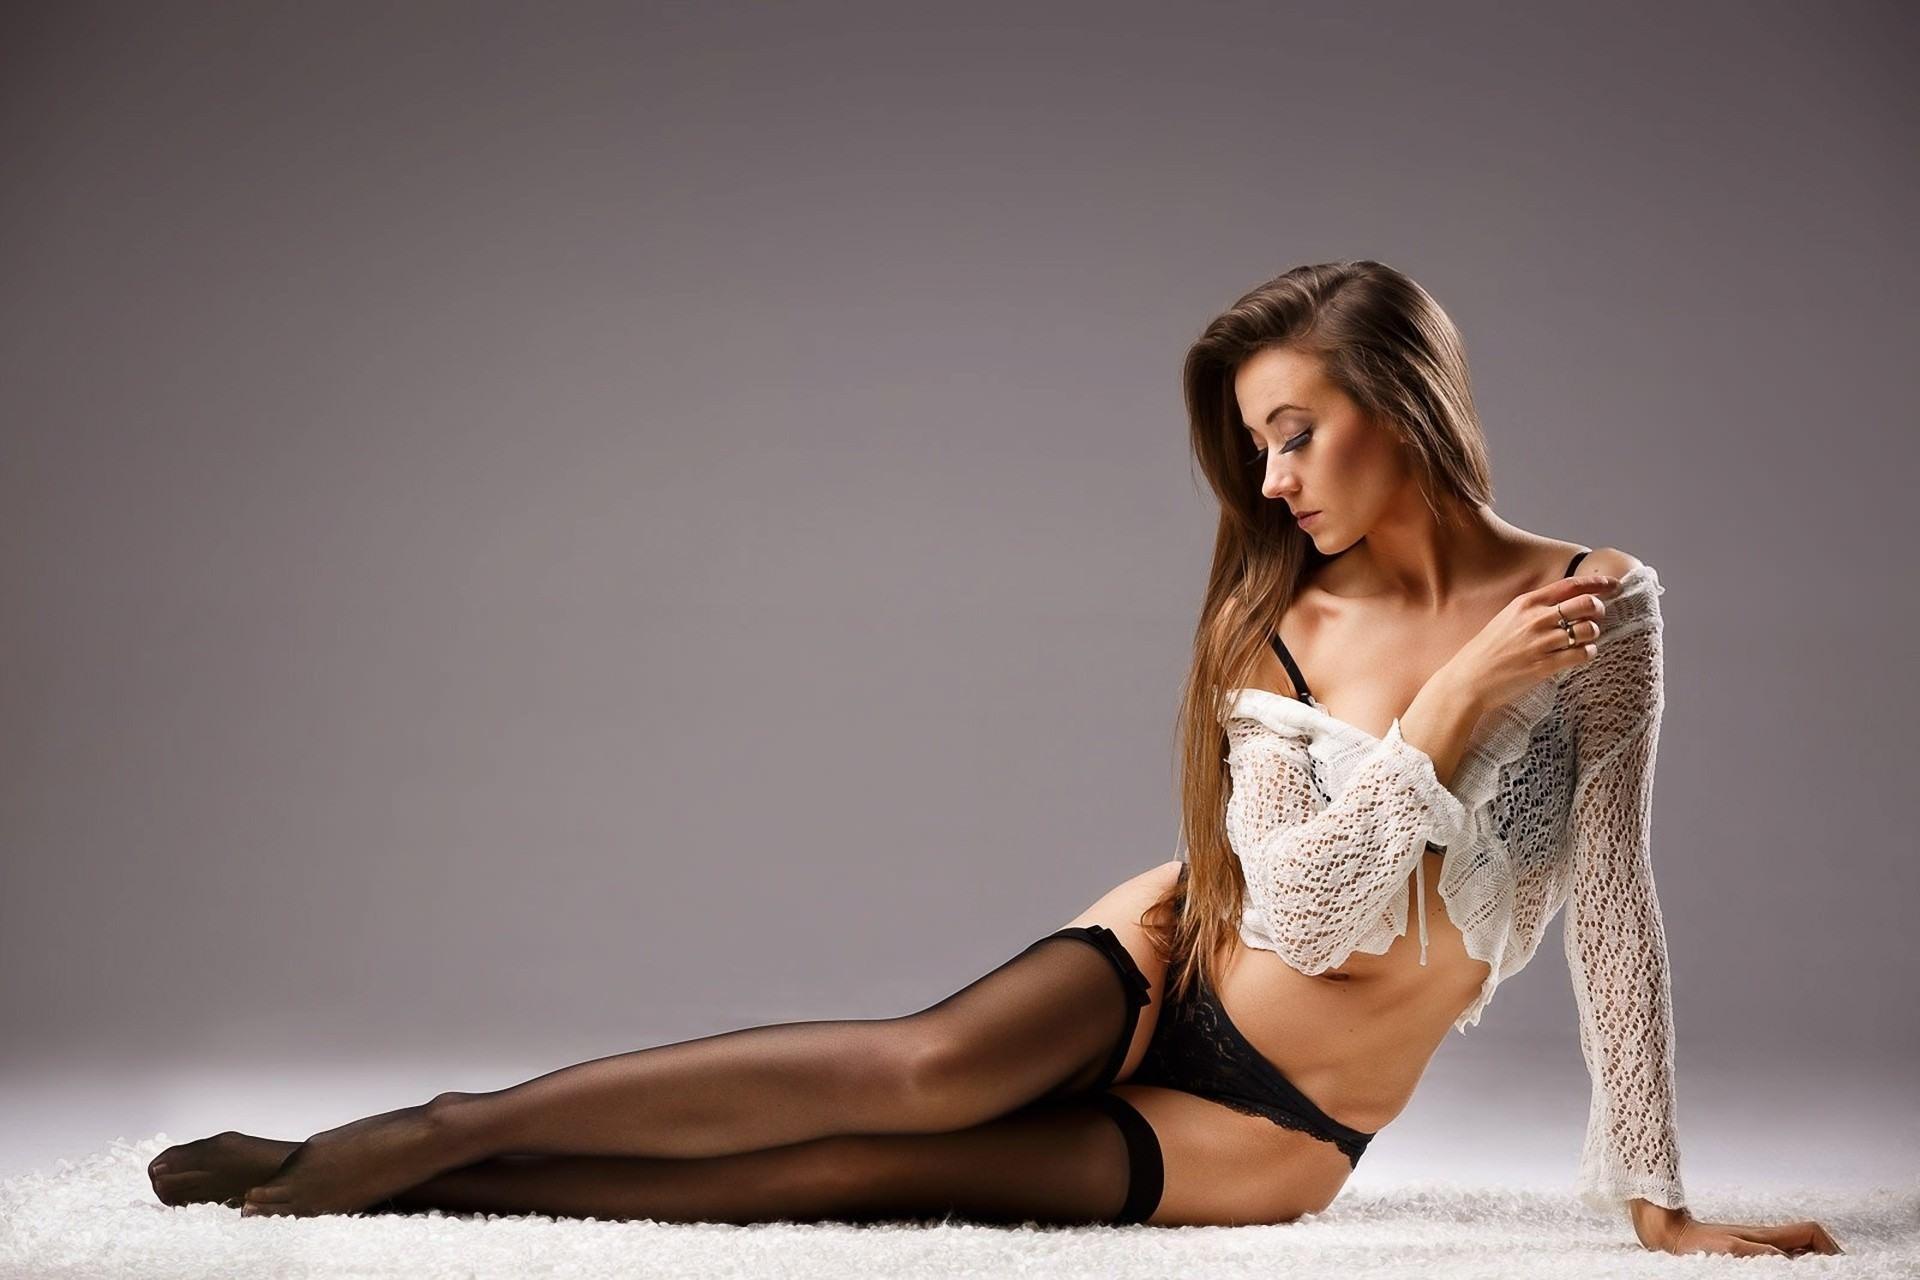 Фото Сексуальная девушка в чулочках, белая кофточка, нежные ножки, черные трусики, соблазн на меховом ковре, скачать картинку бесплатно